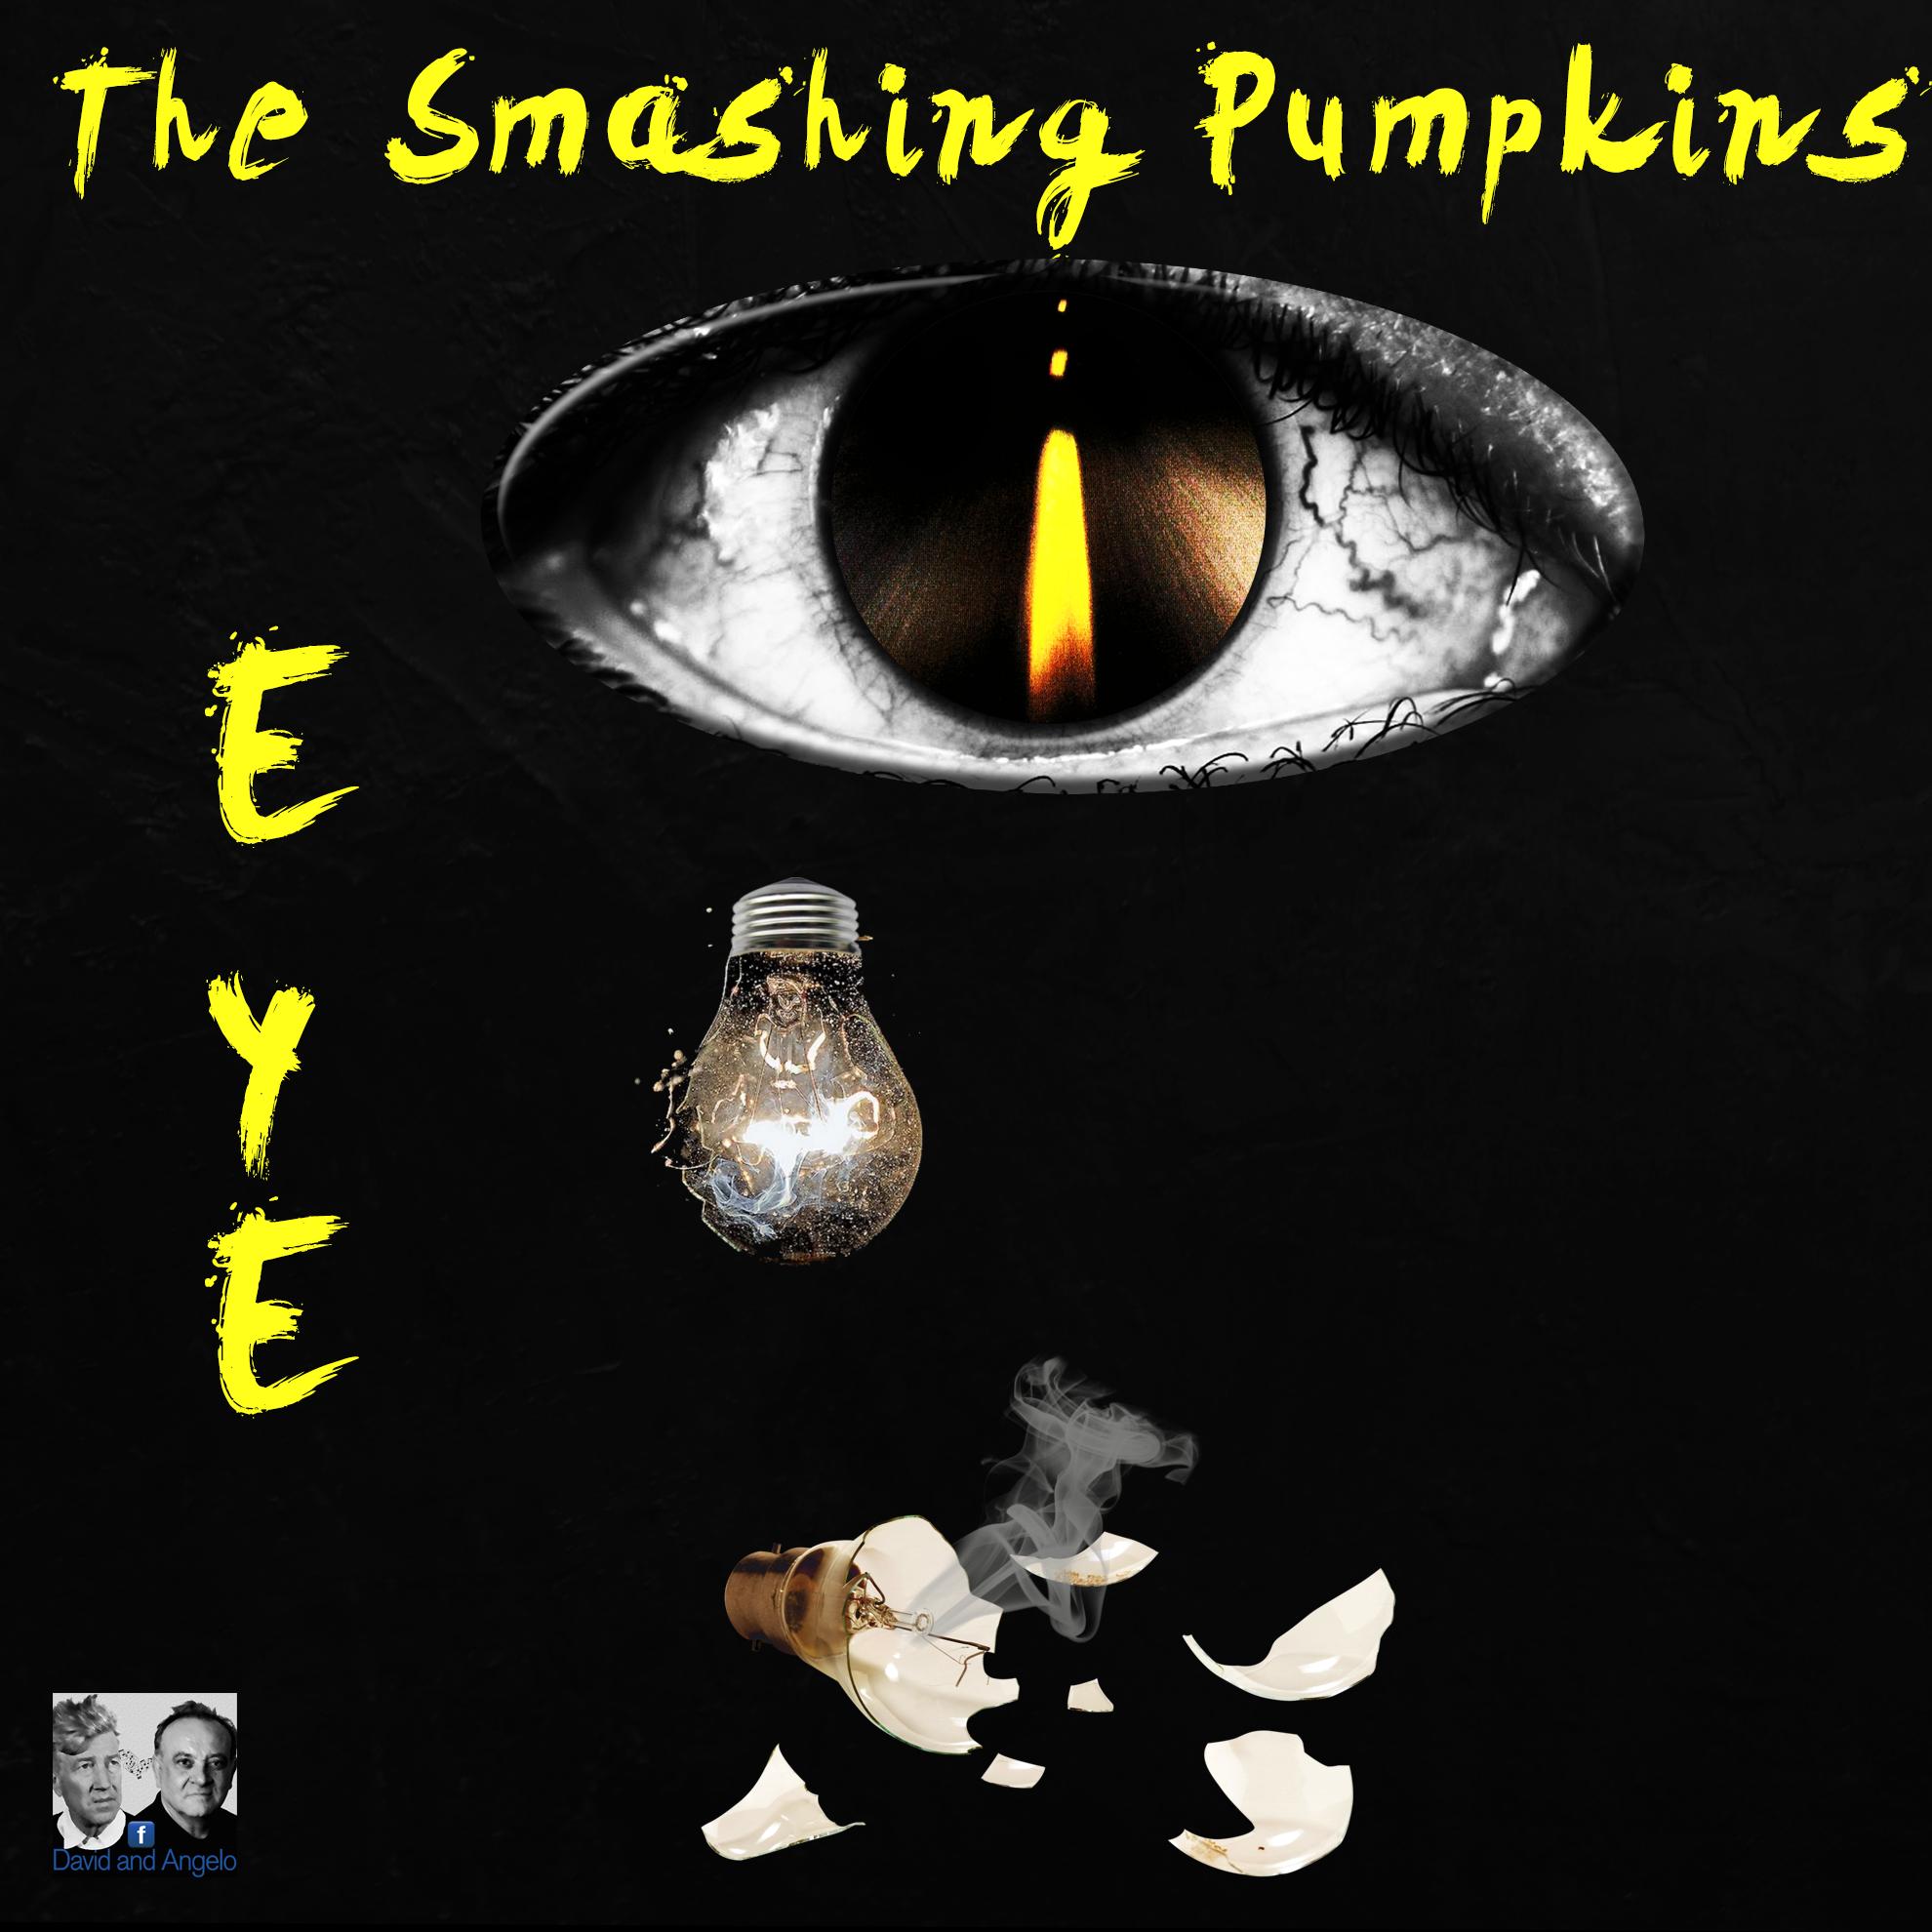 Smashing Pumpkins EyeSquare.png